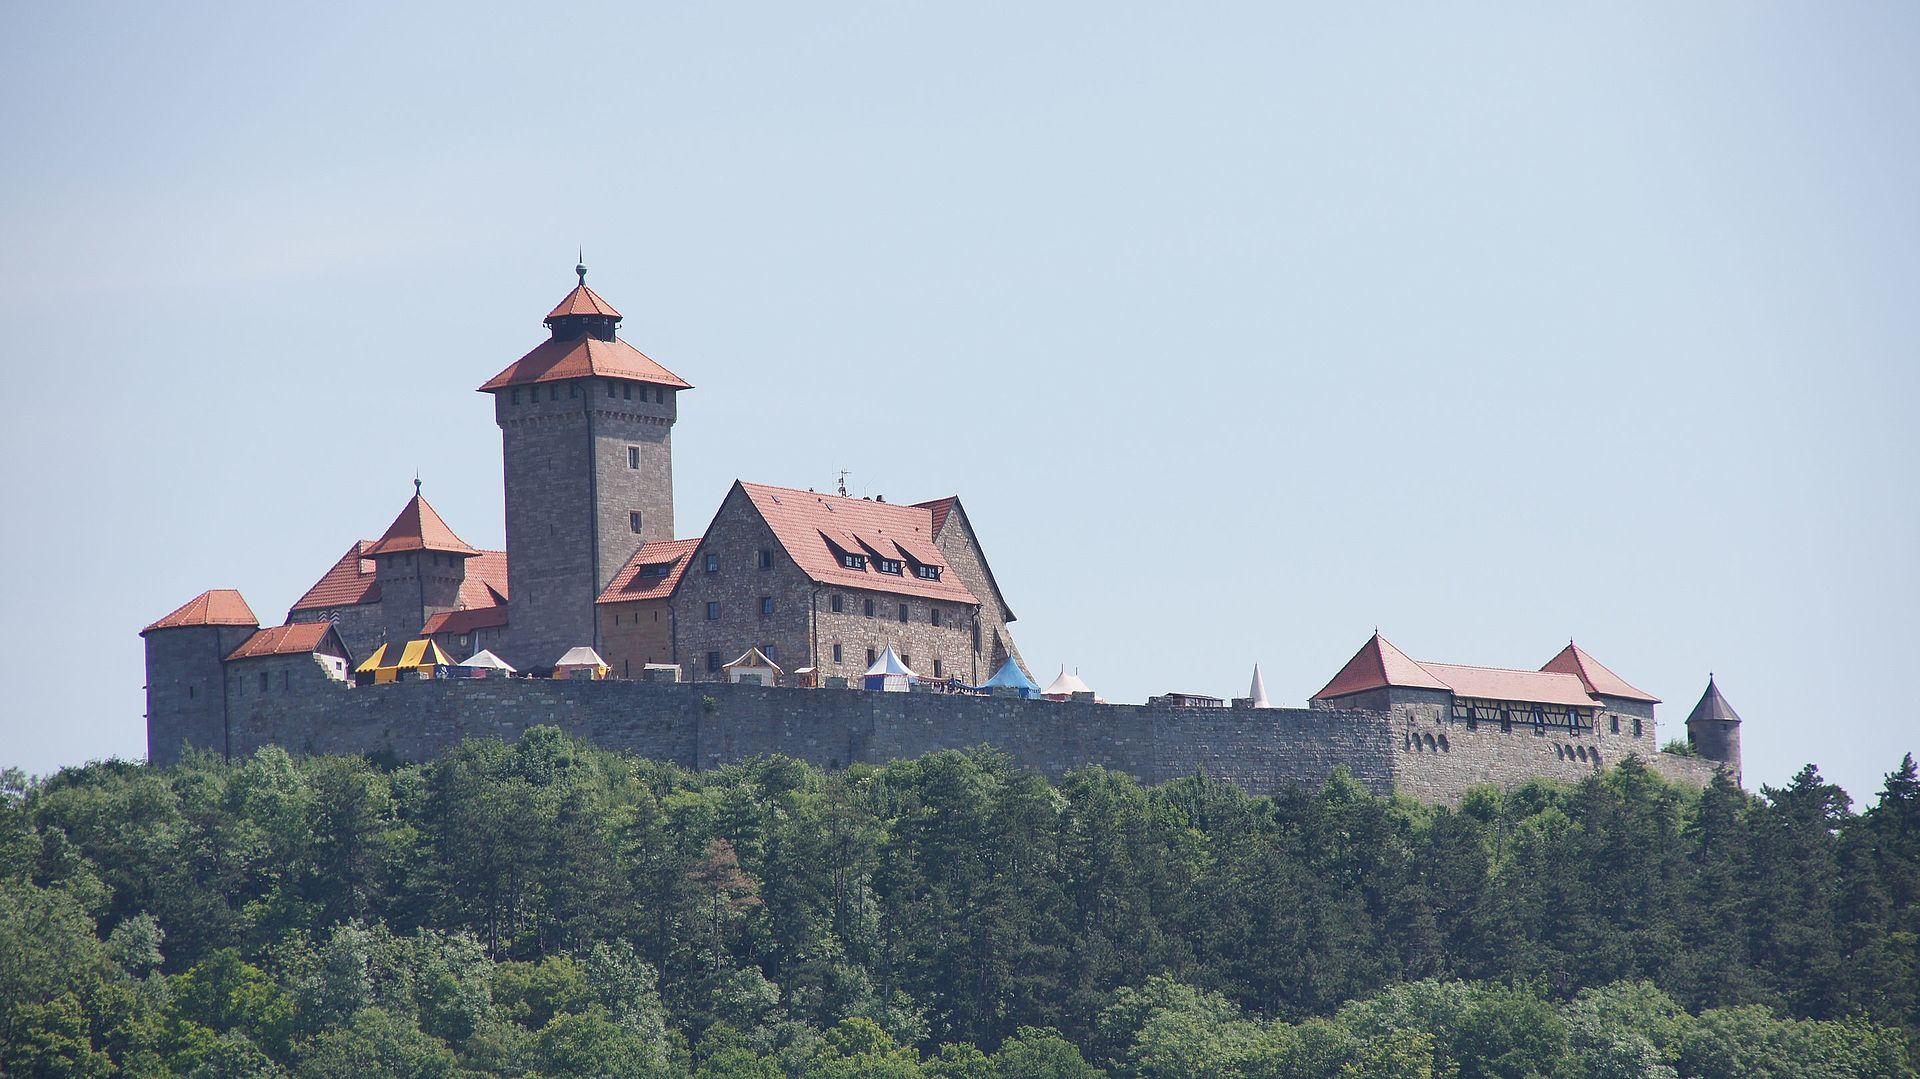 Wachsenburg_-_panoramio.jpg